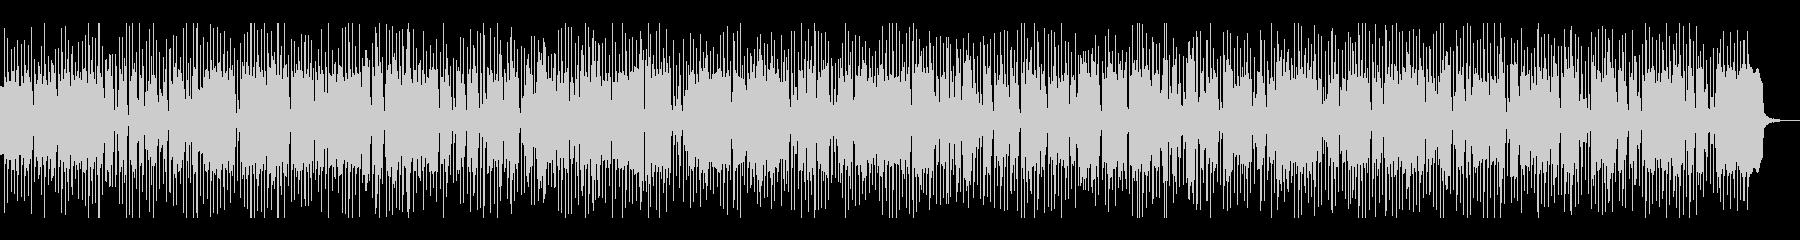 グルービー、シンセ系ディスコテクノビートの未再生の波形